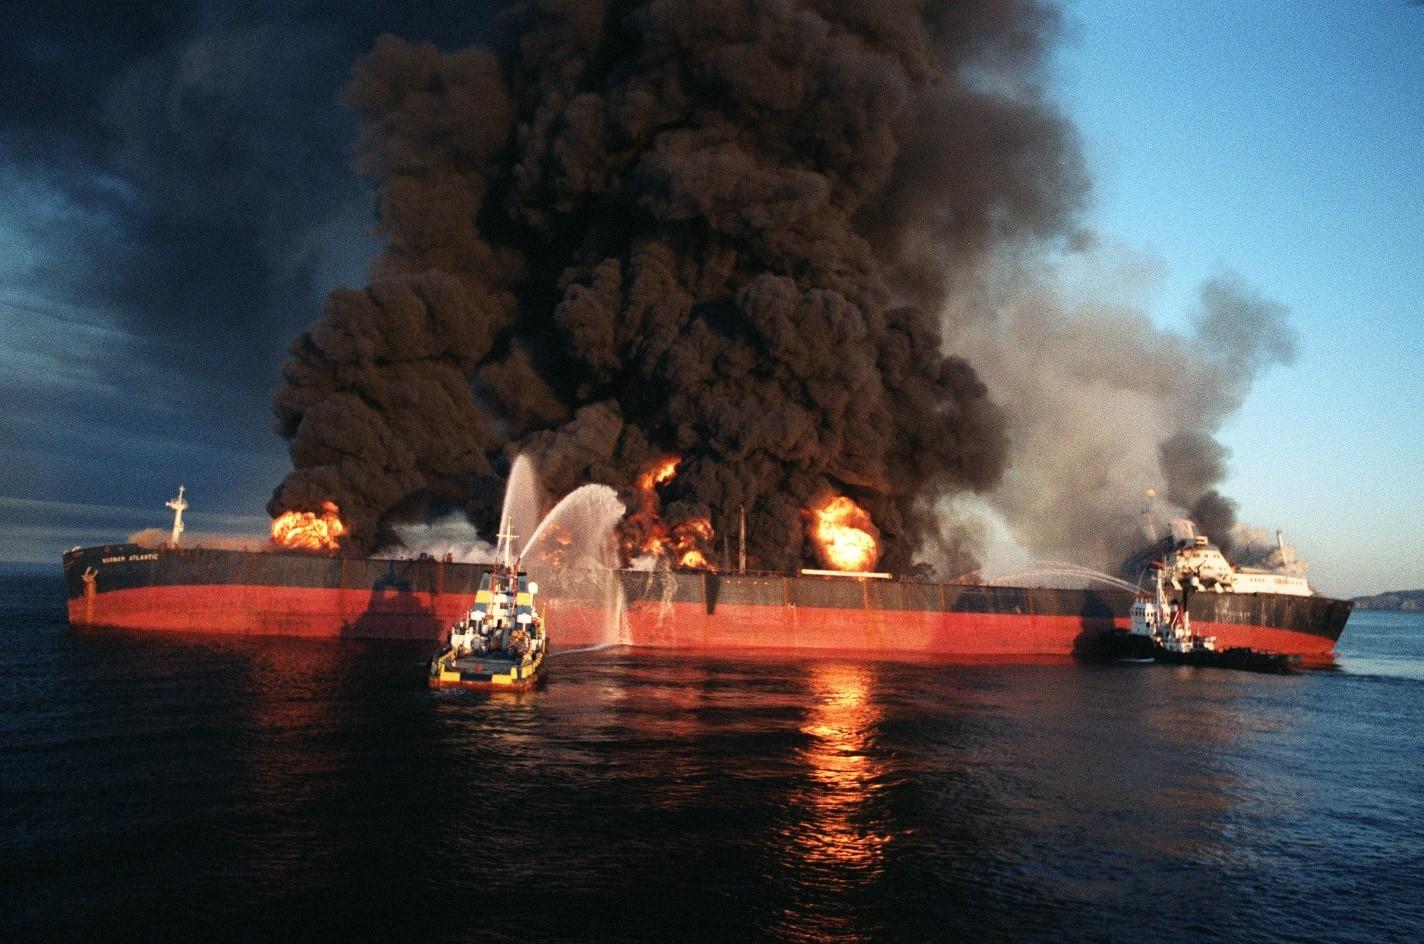 سفينة سنغافورية مشتعلة